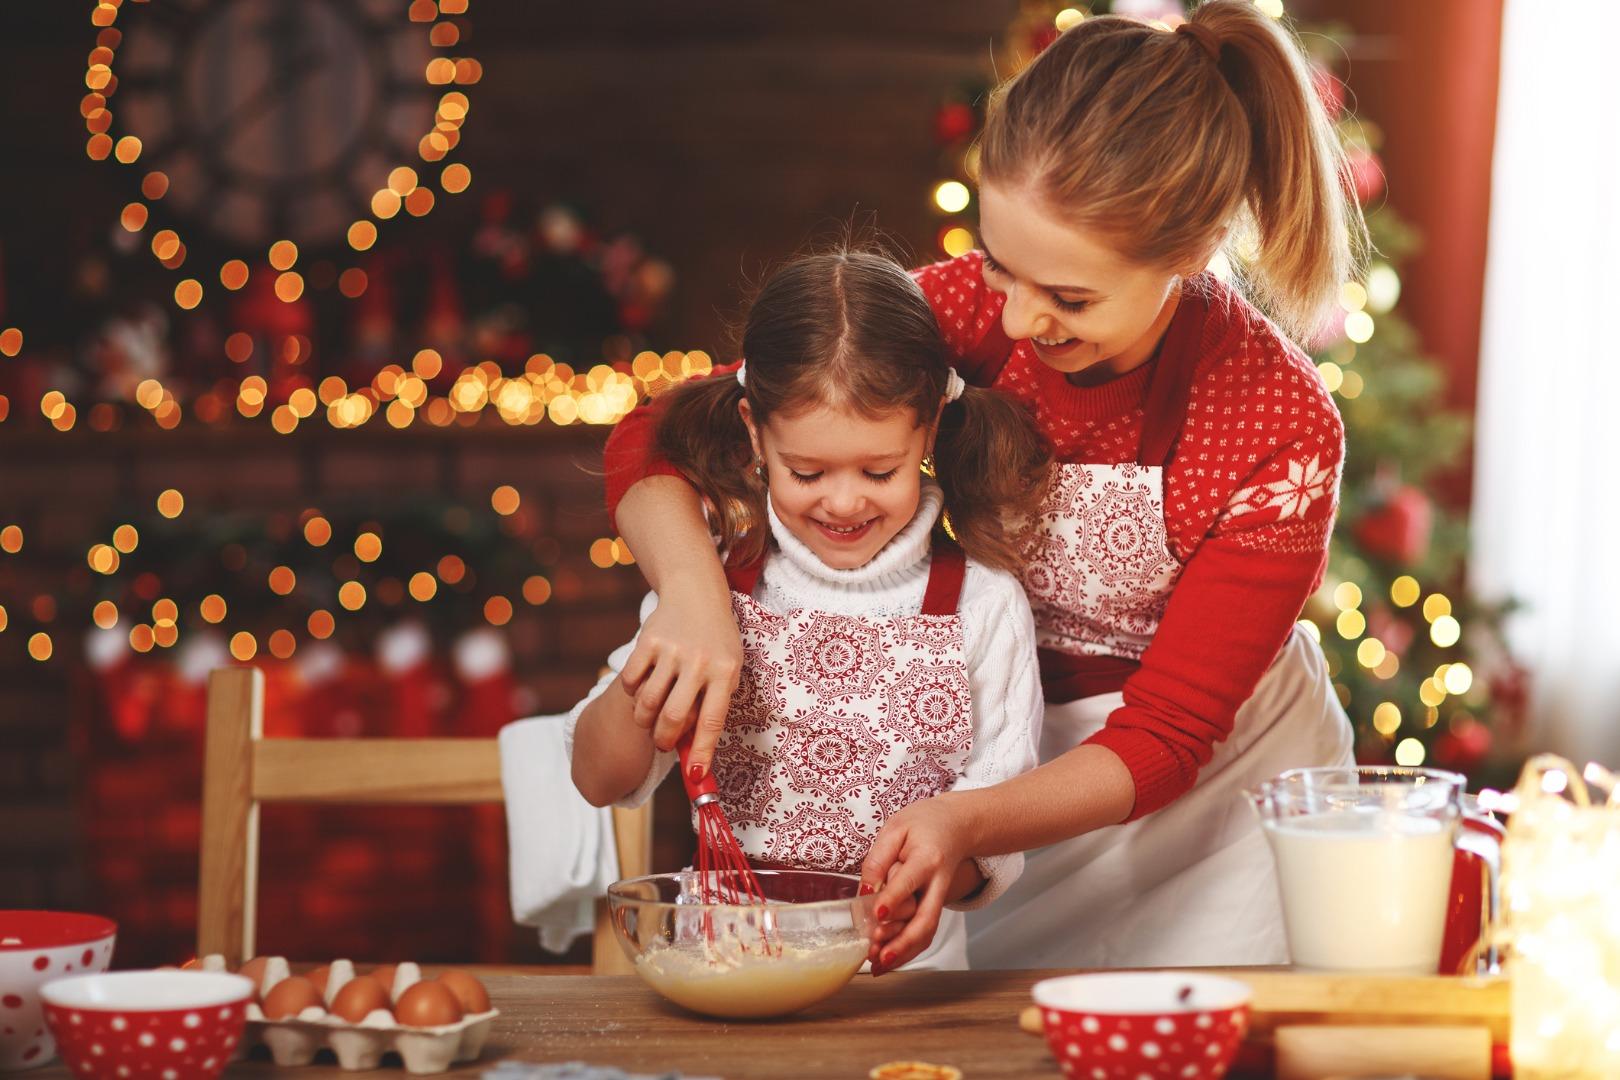 Праздничные сладости: готовим вместе с малышом